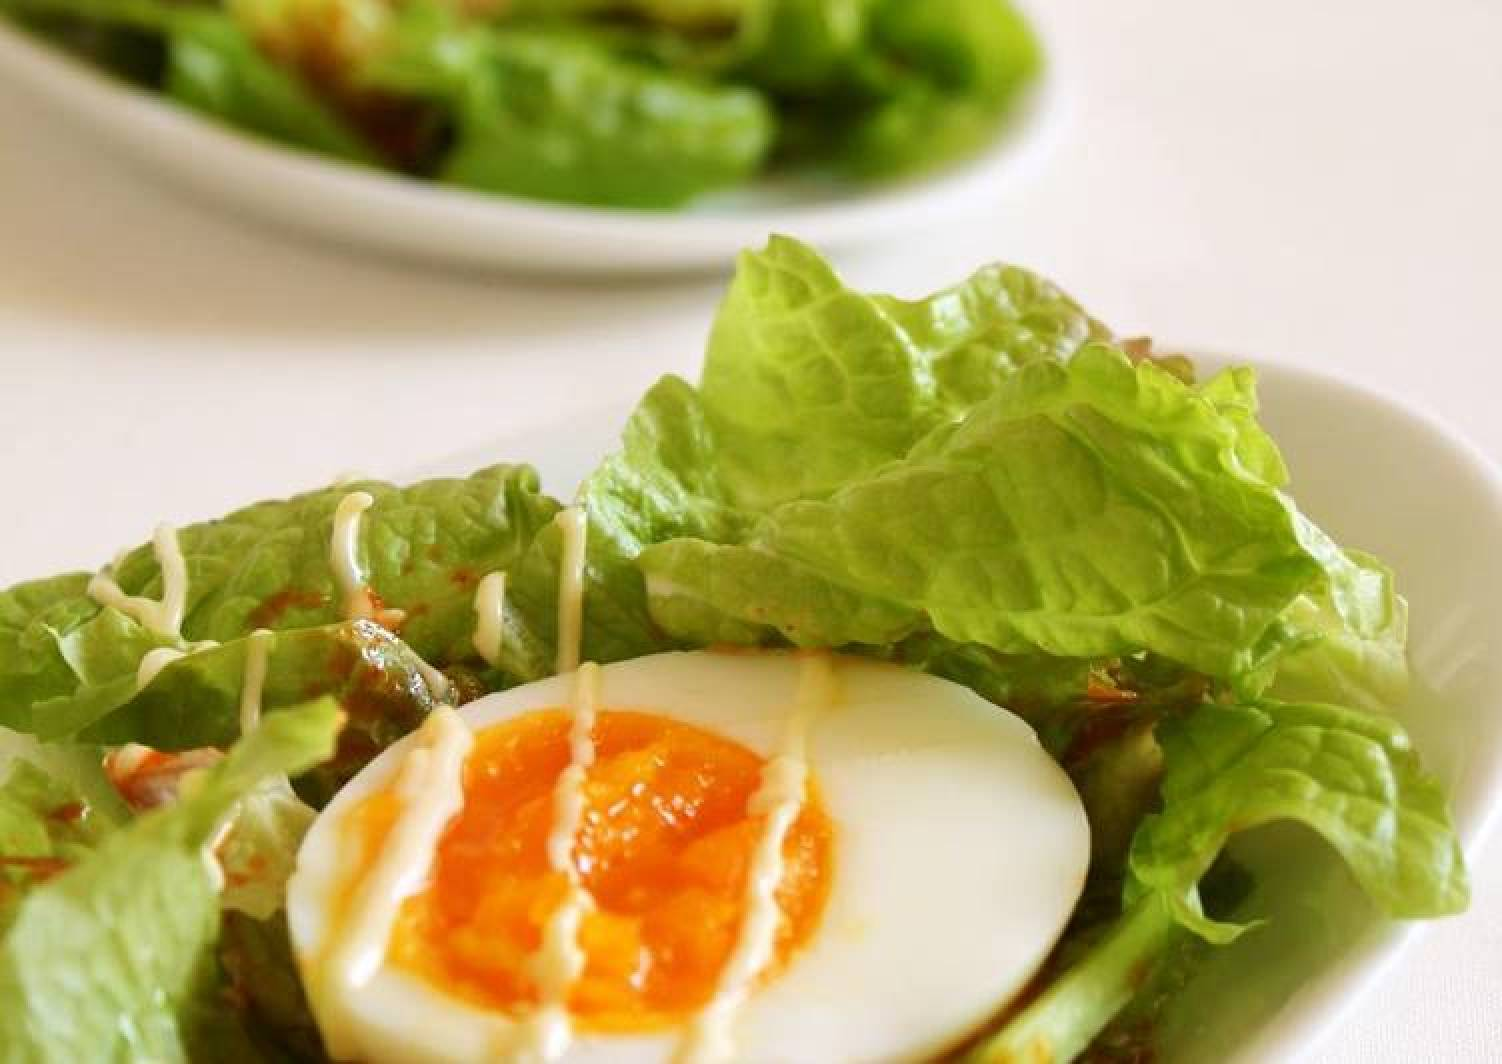 Salad with Gochujang Sauce and Mayonnaise